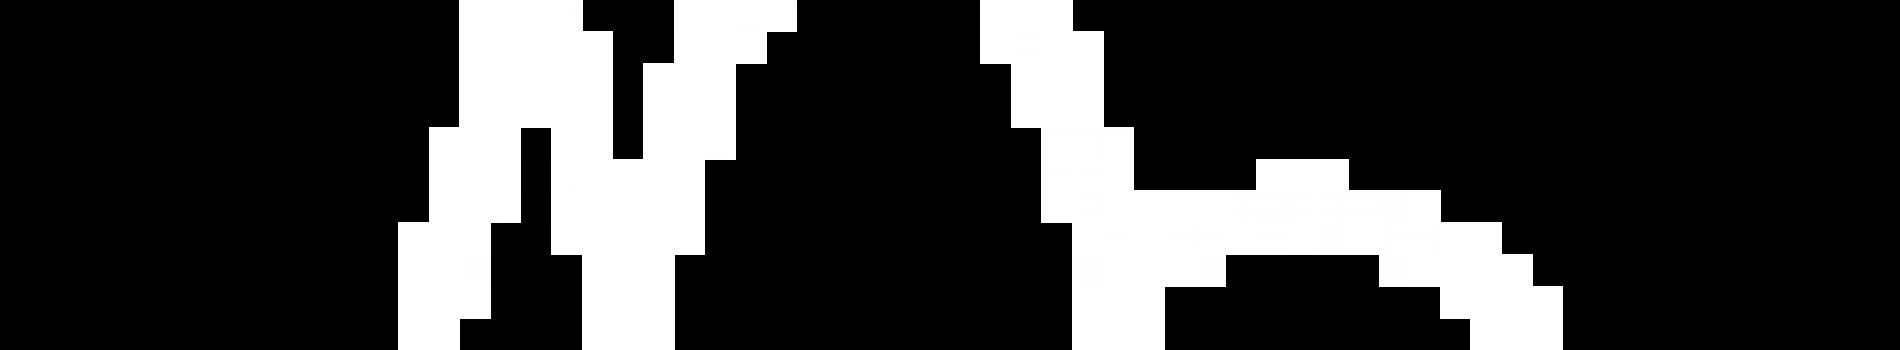 Innodrone